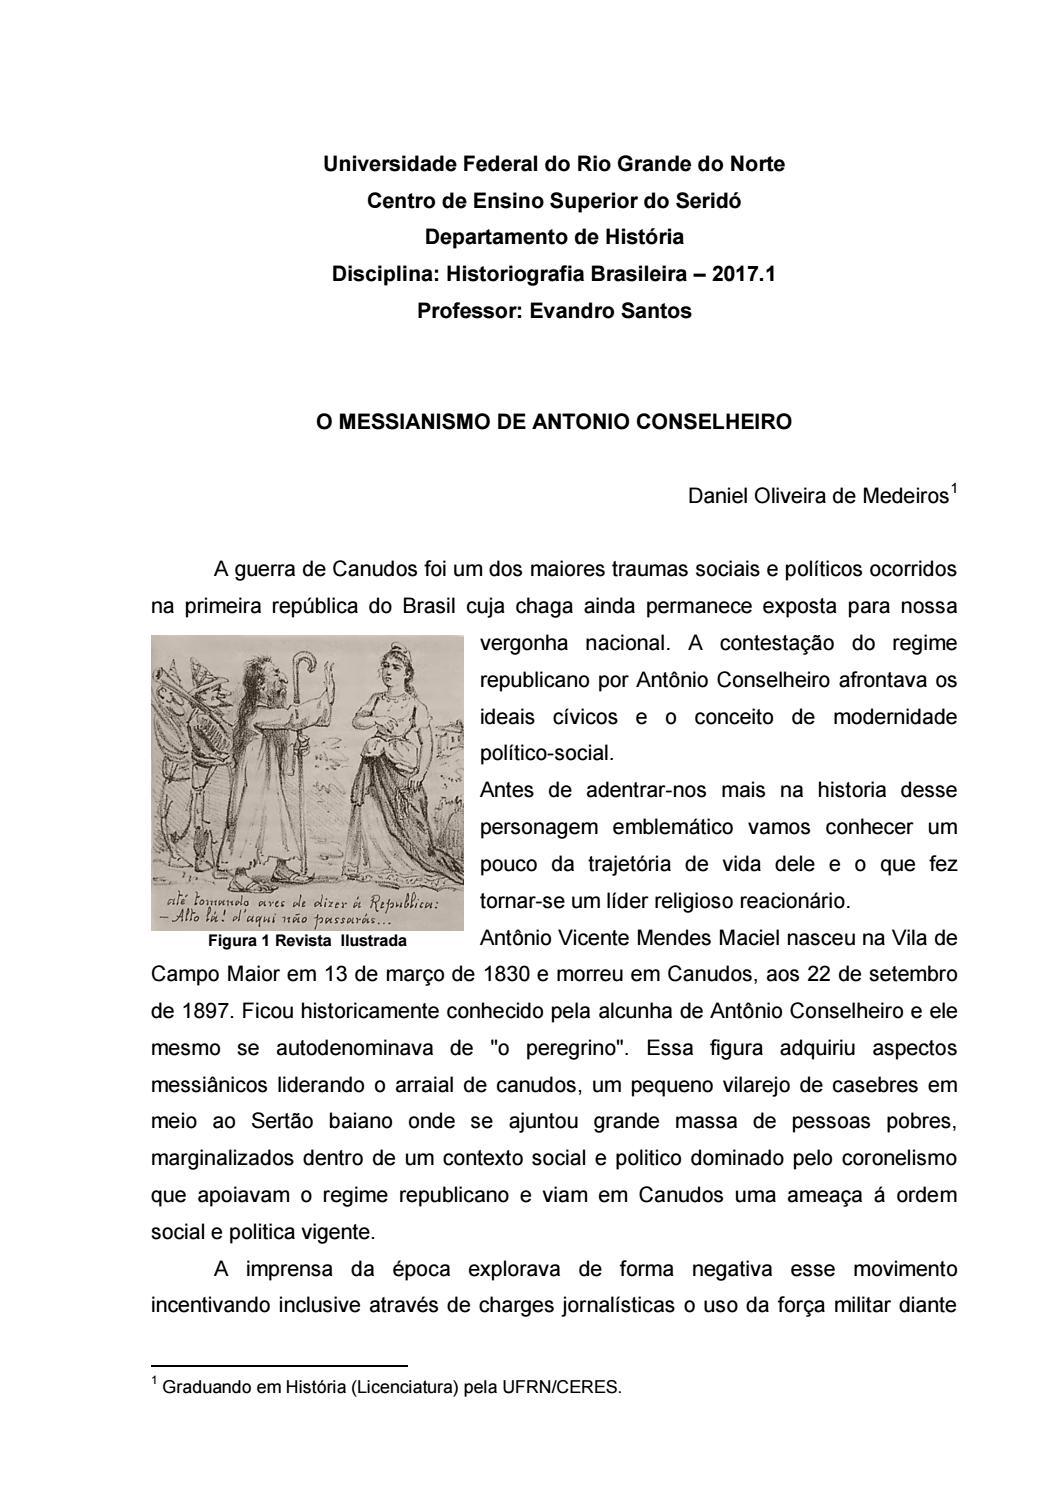 Ensaio O Messianismo De Antonio Conselheiro By Irdanielmedeiros